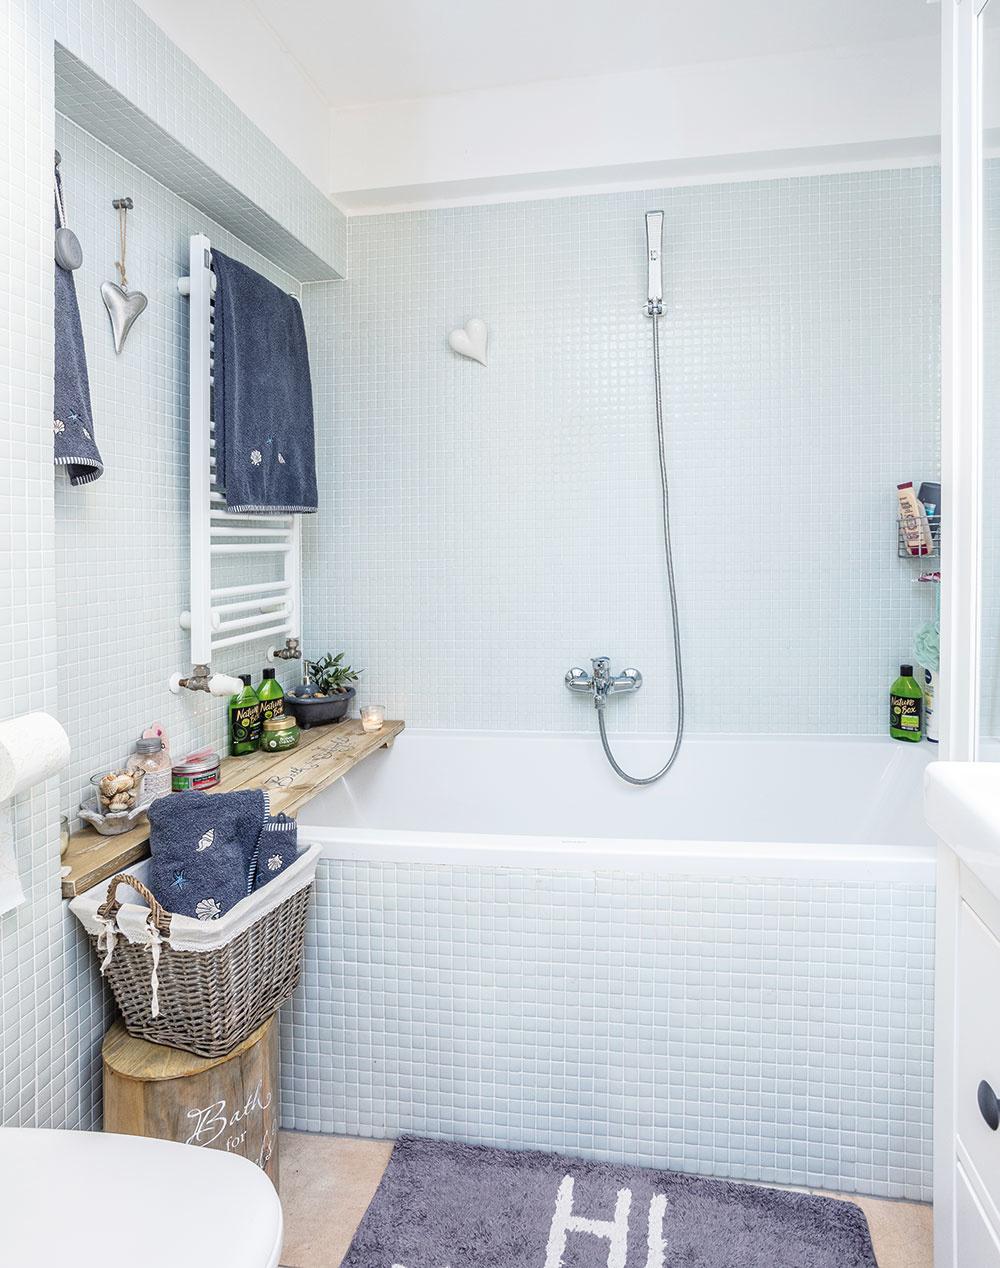 Kúpeľňa je obložená nežnou bielou mozaikou, príjemne ju dopĺňajú drevené a prútené prvky.